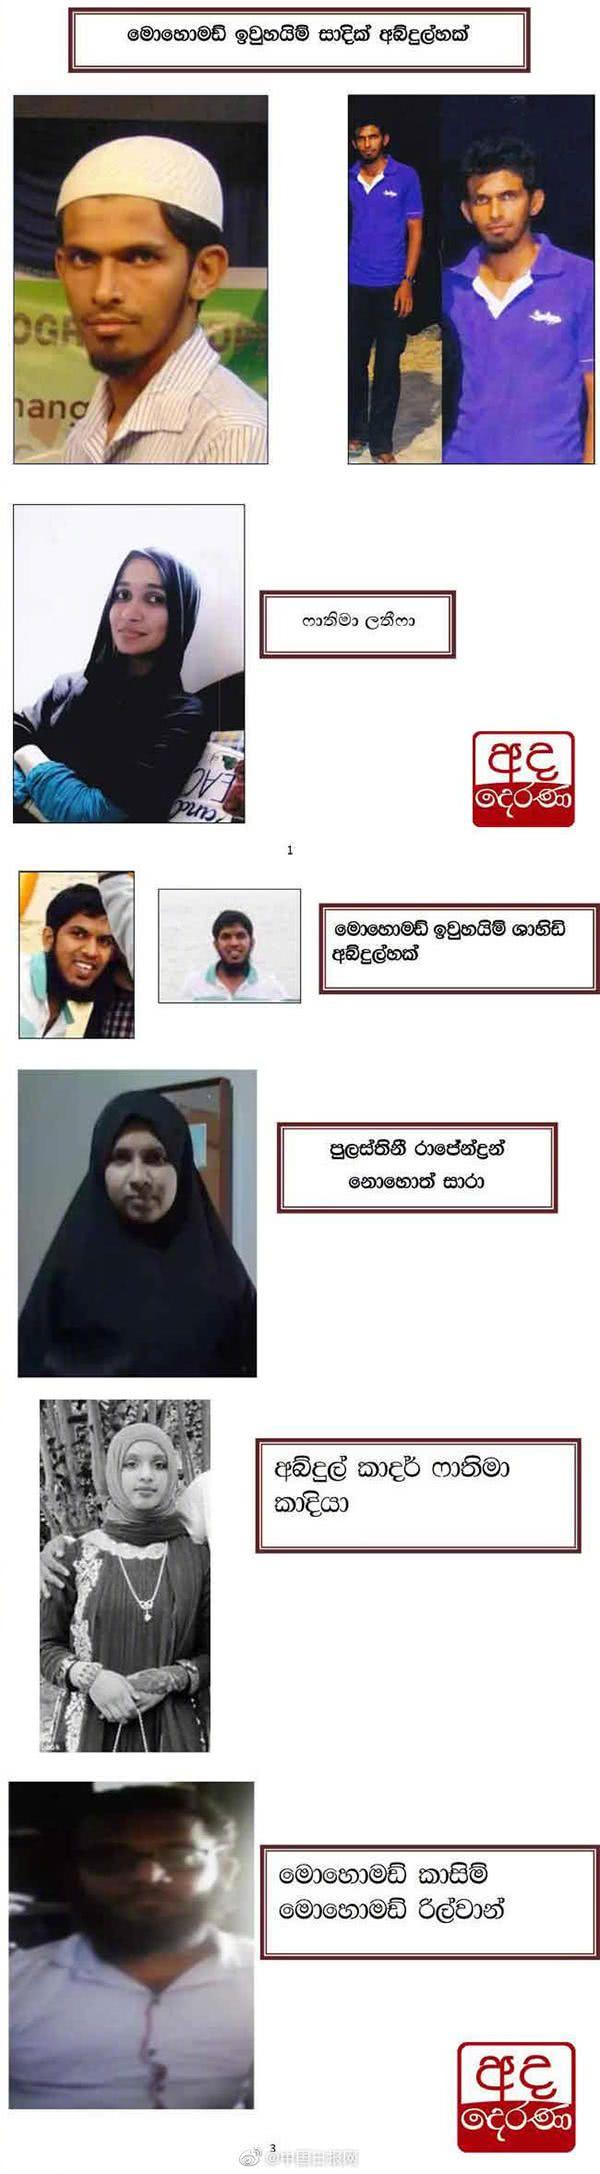 斯里兰卡6名疑犯照片曝光 其中3名女性3名男性